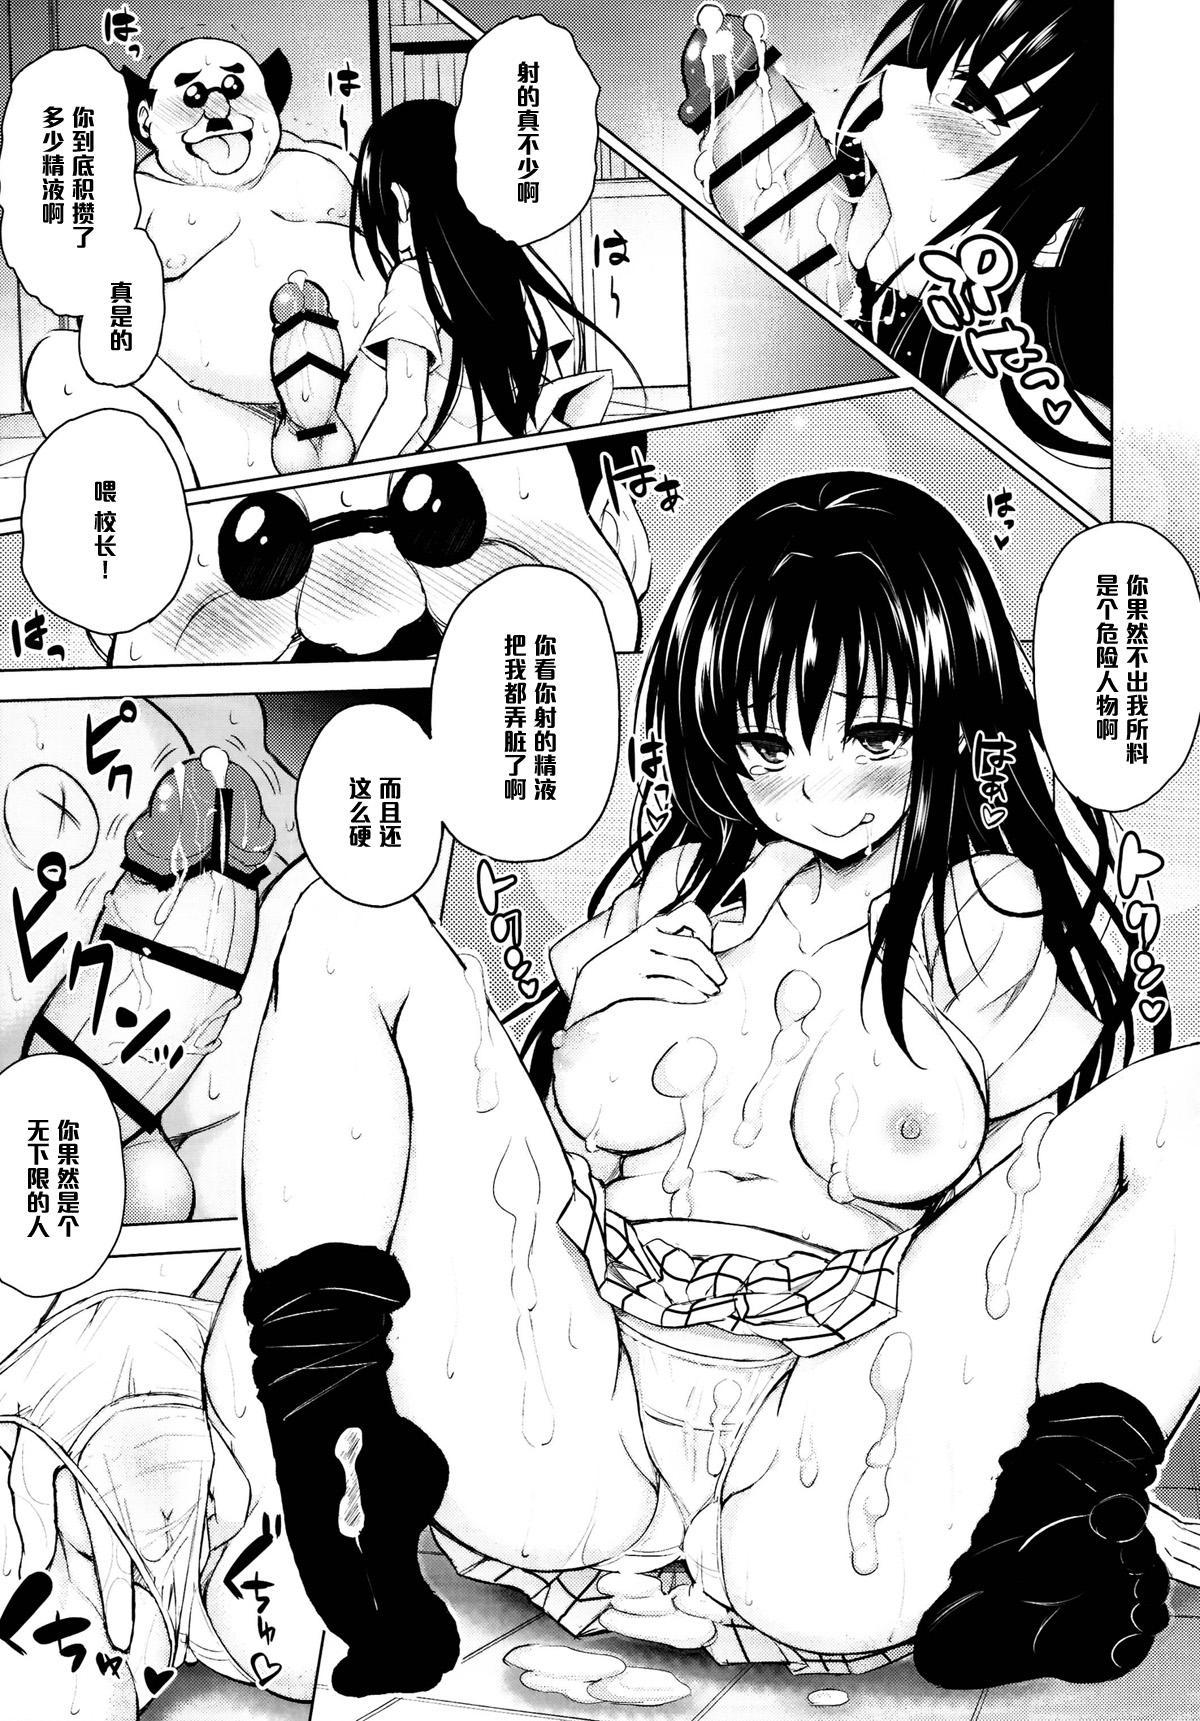 Kouchou no Harenchi o Tomeru tame ni Harenchi suru Kotegawa-san 10